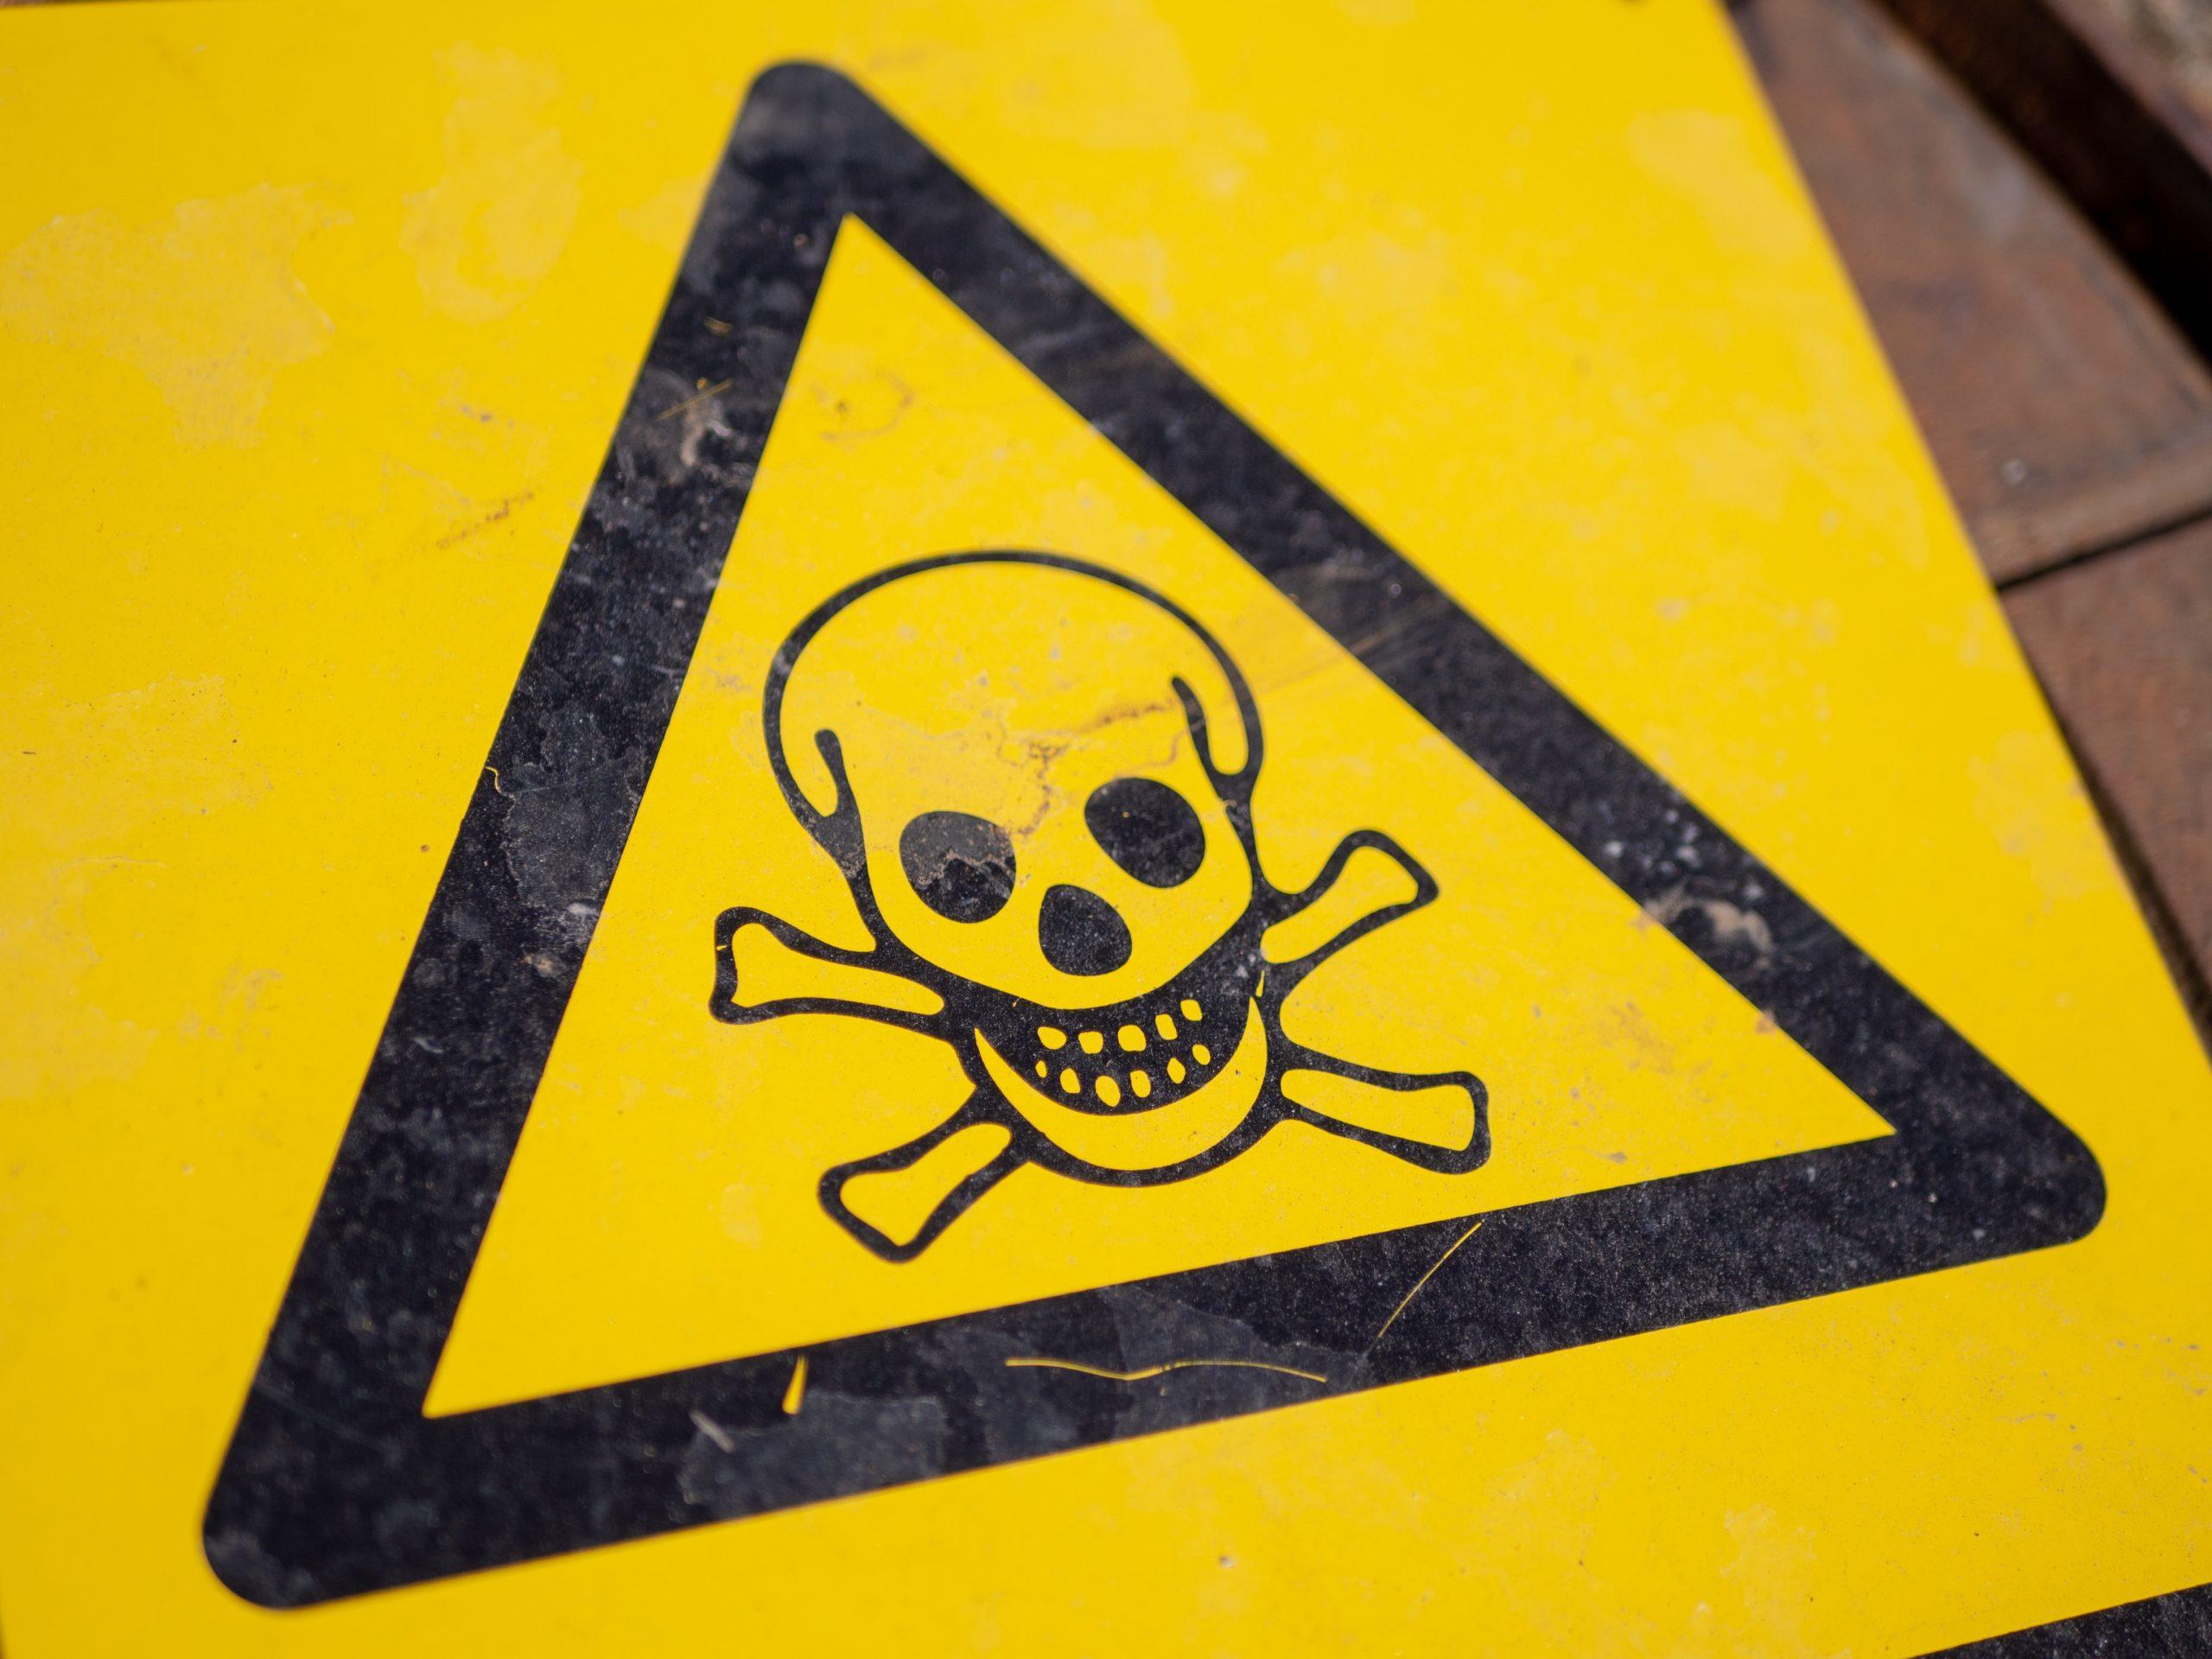 danger régimes restrictifs